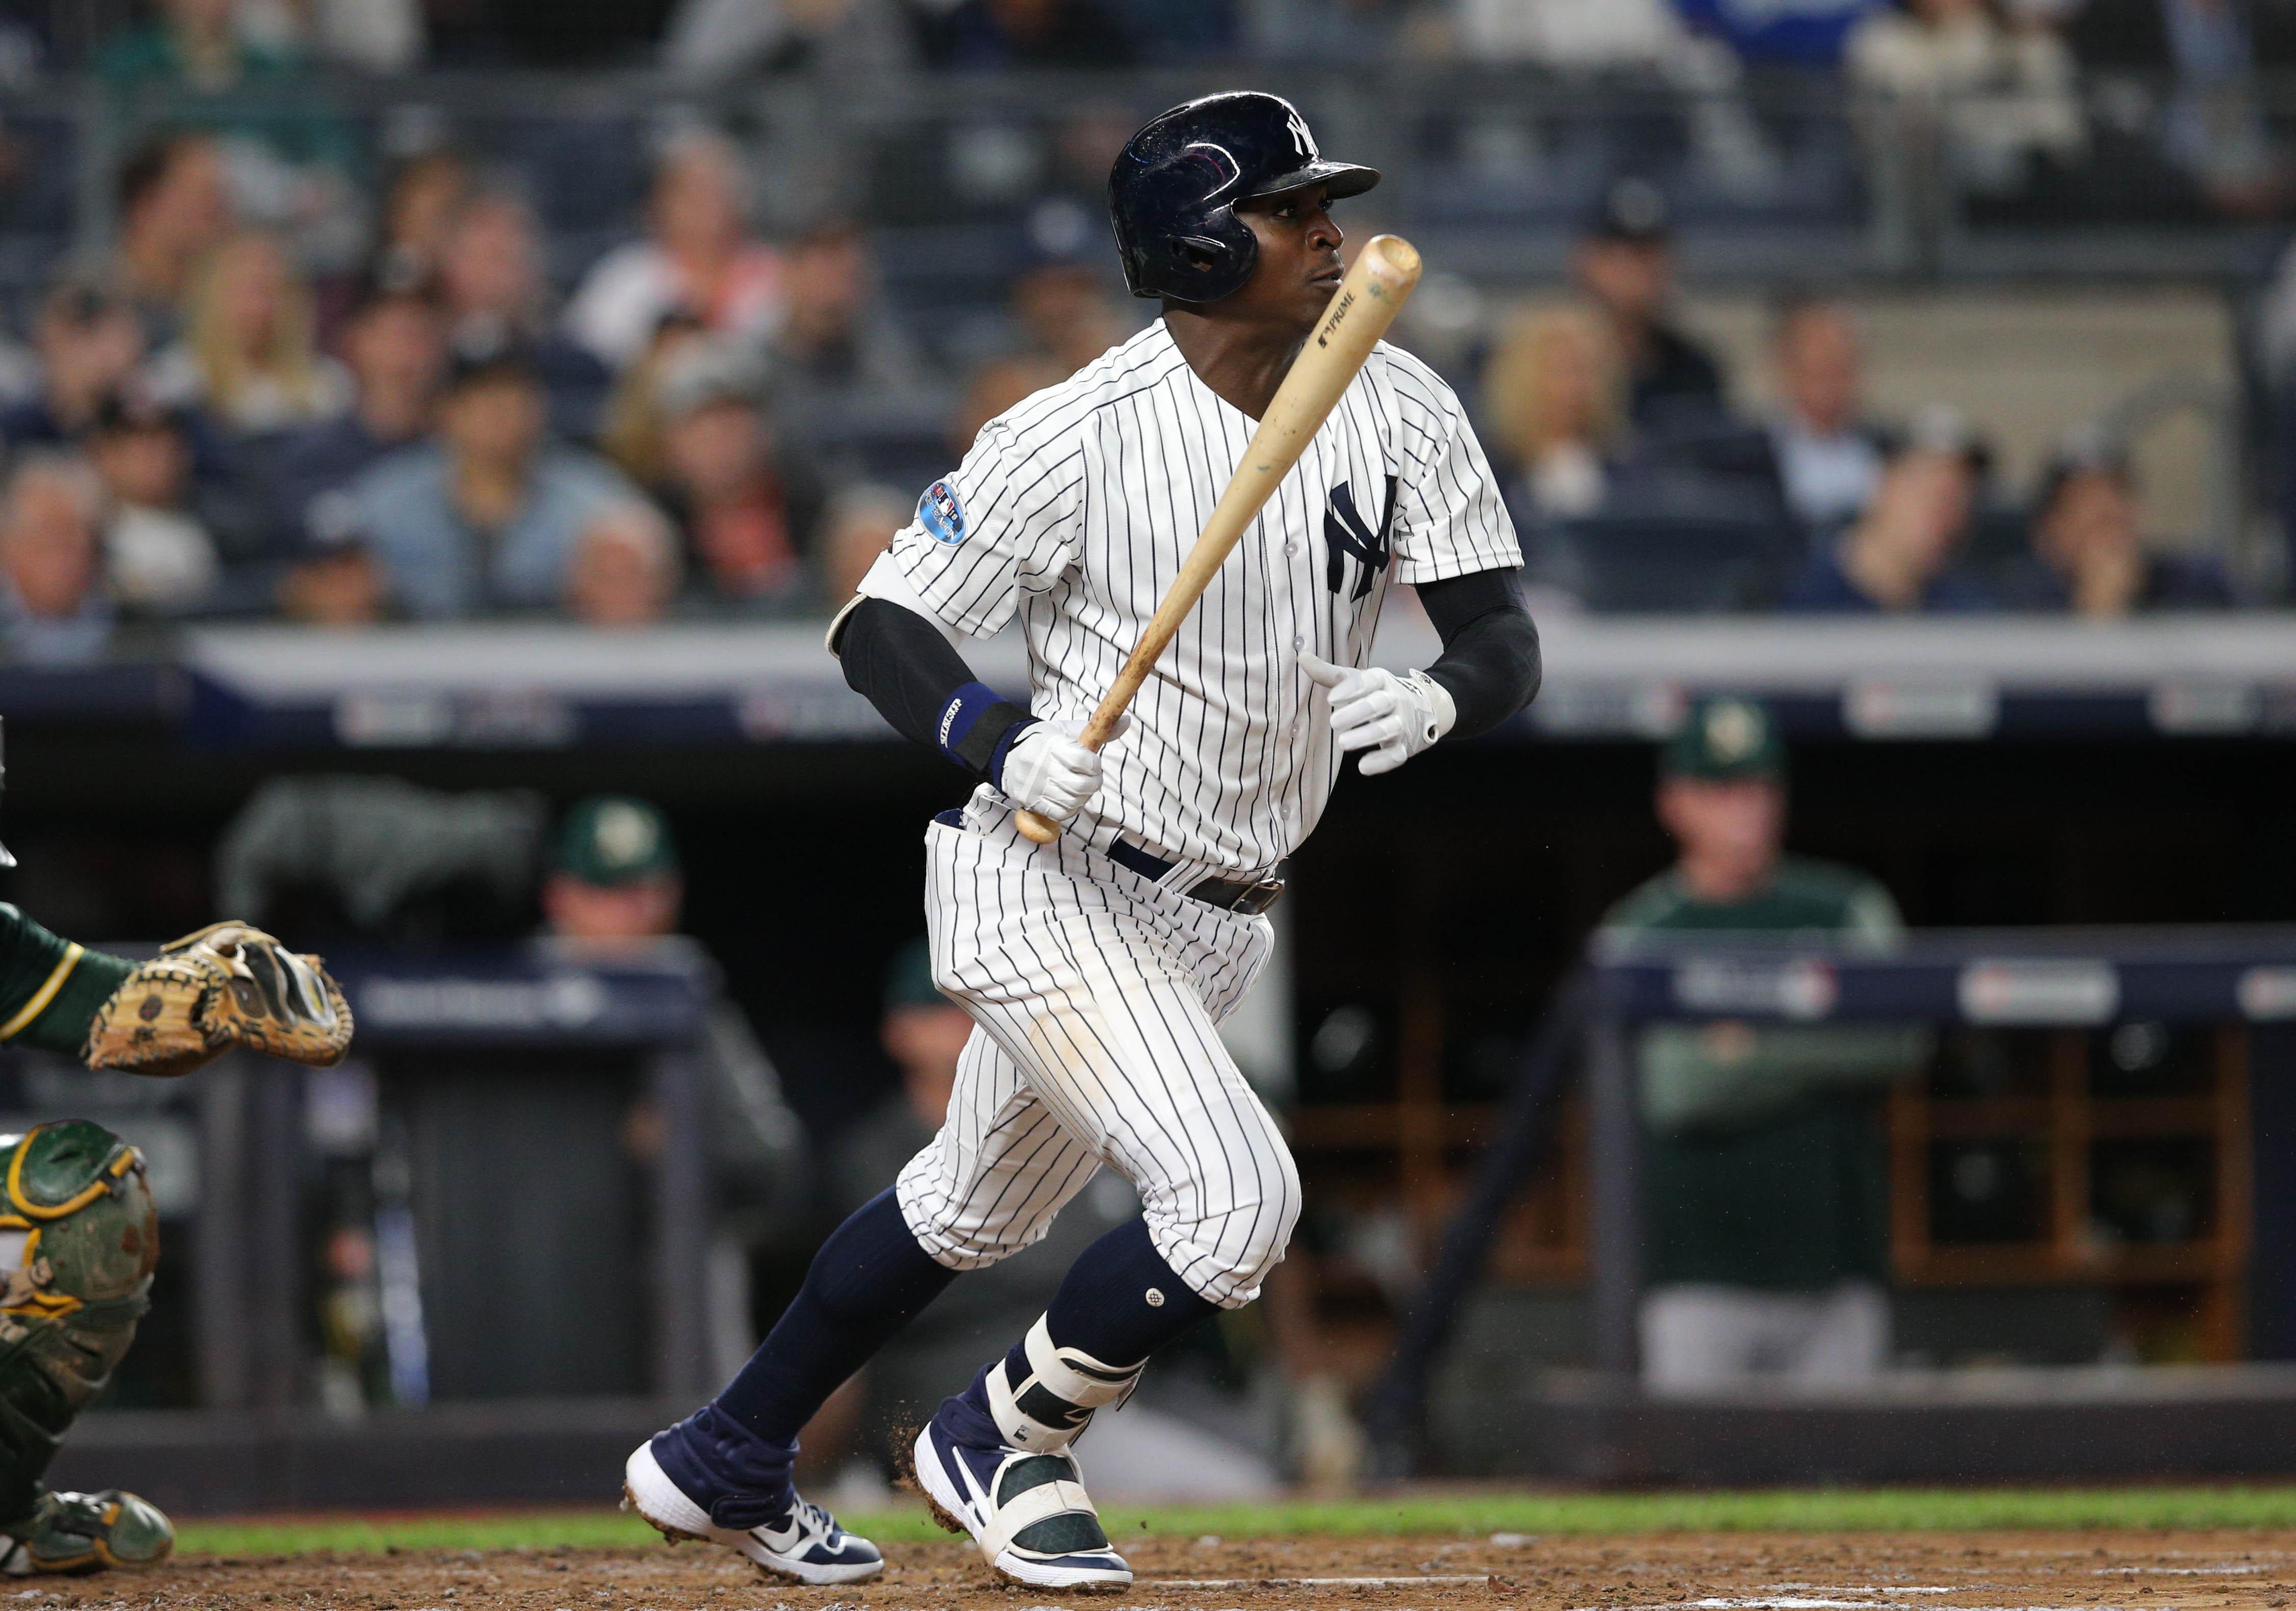 New York Yankees shortstop, Didi Gregorius.